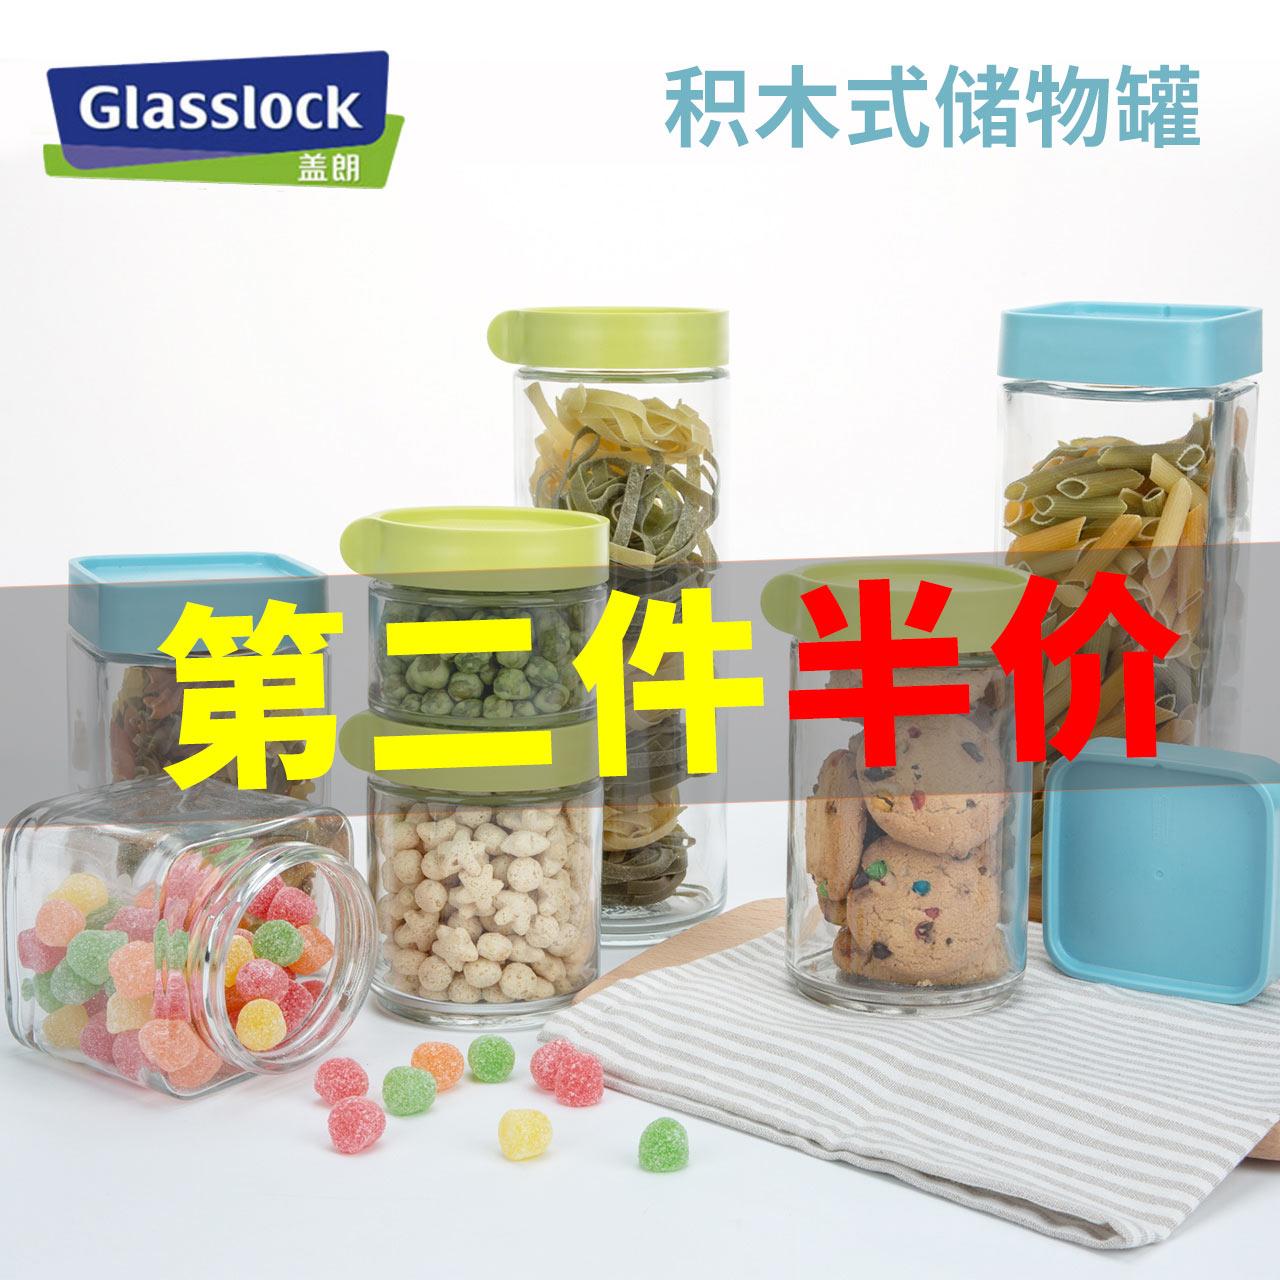 glasslock原装进口蜂蜜泡酒玻璃瓶调味密封罐茶叶咖啡奶粉储物罐